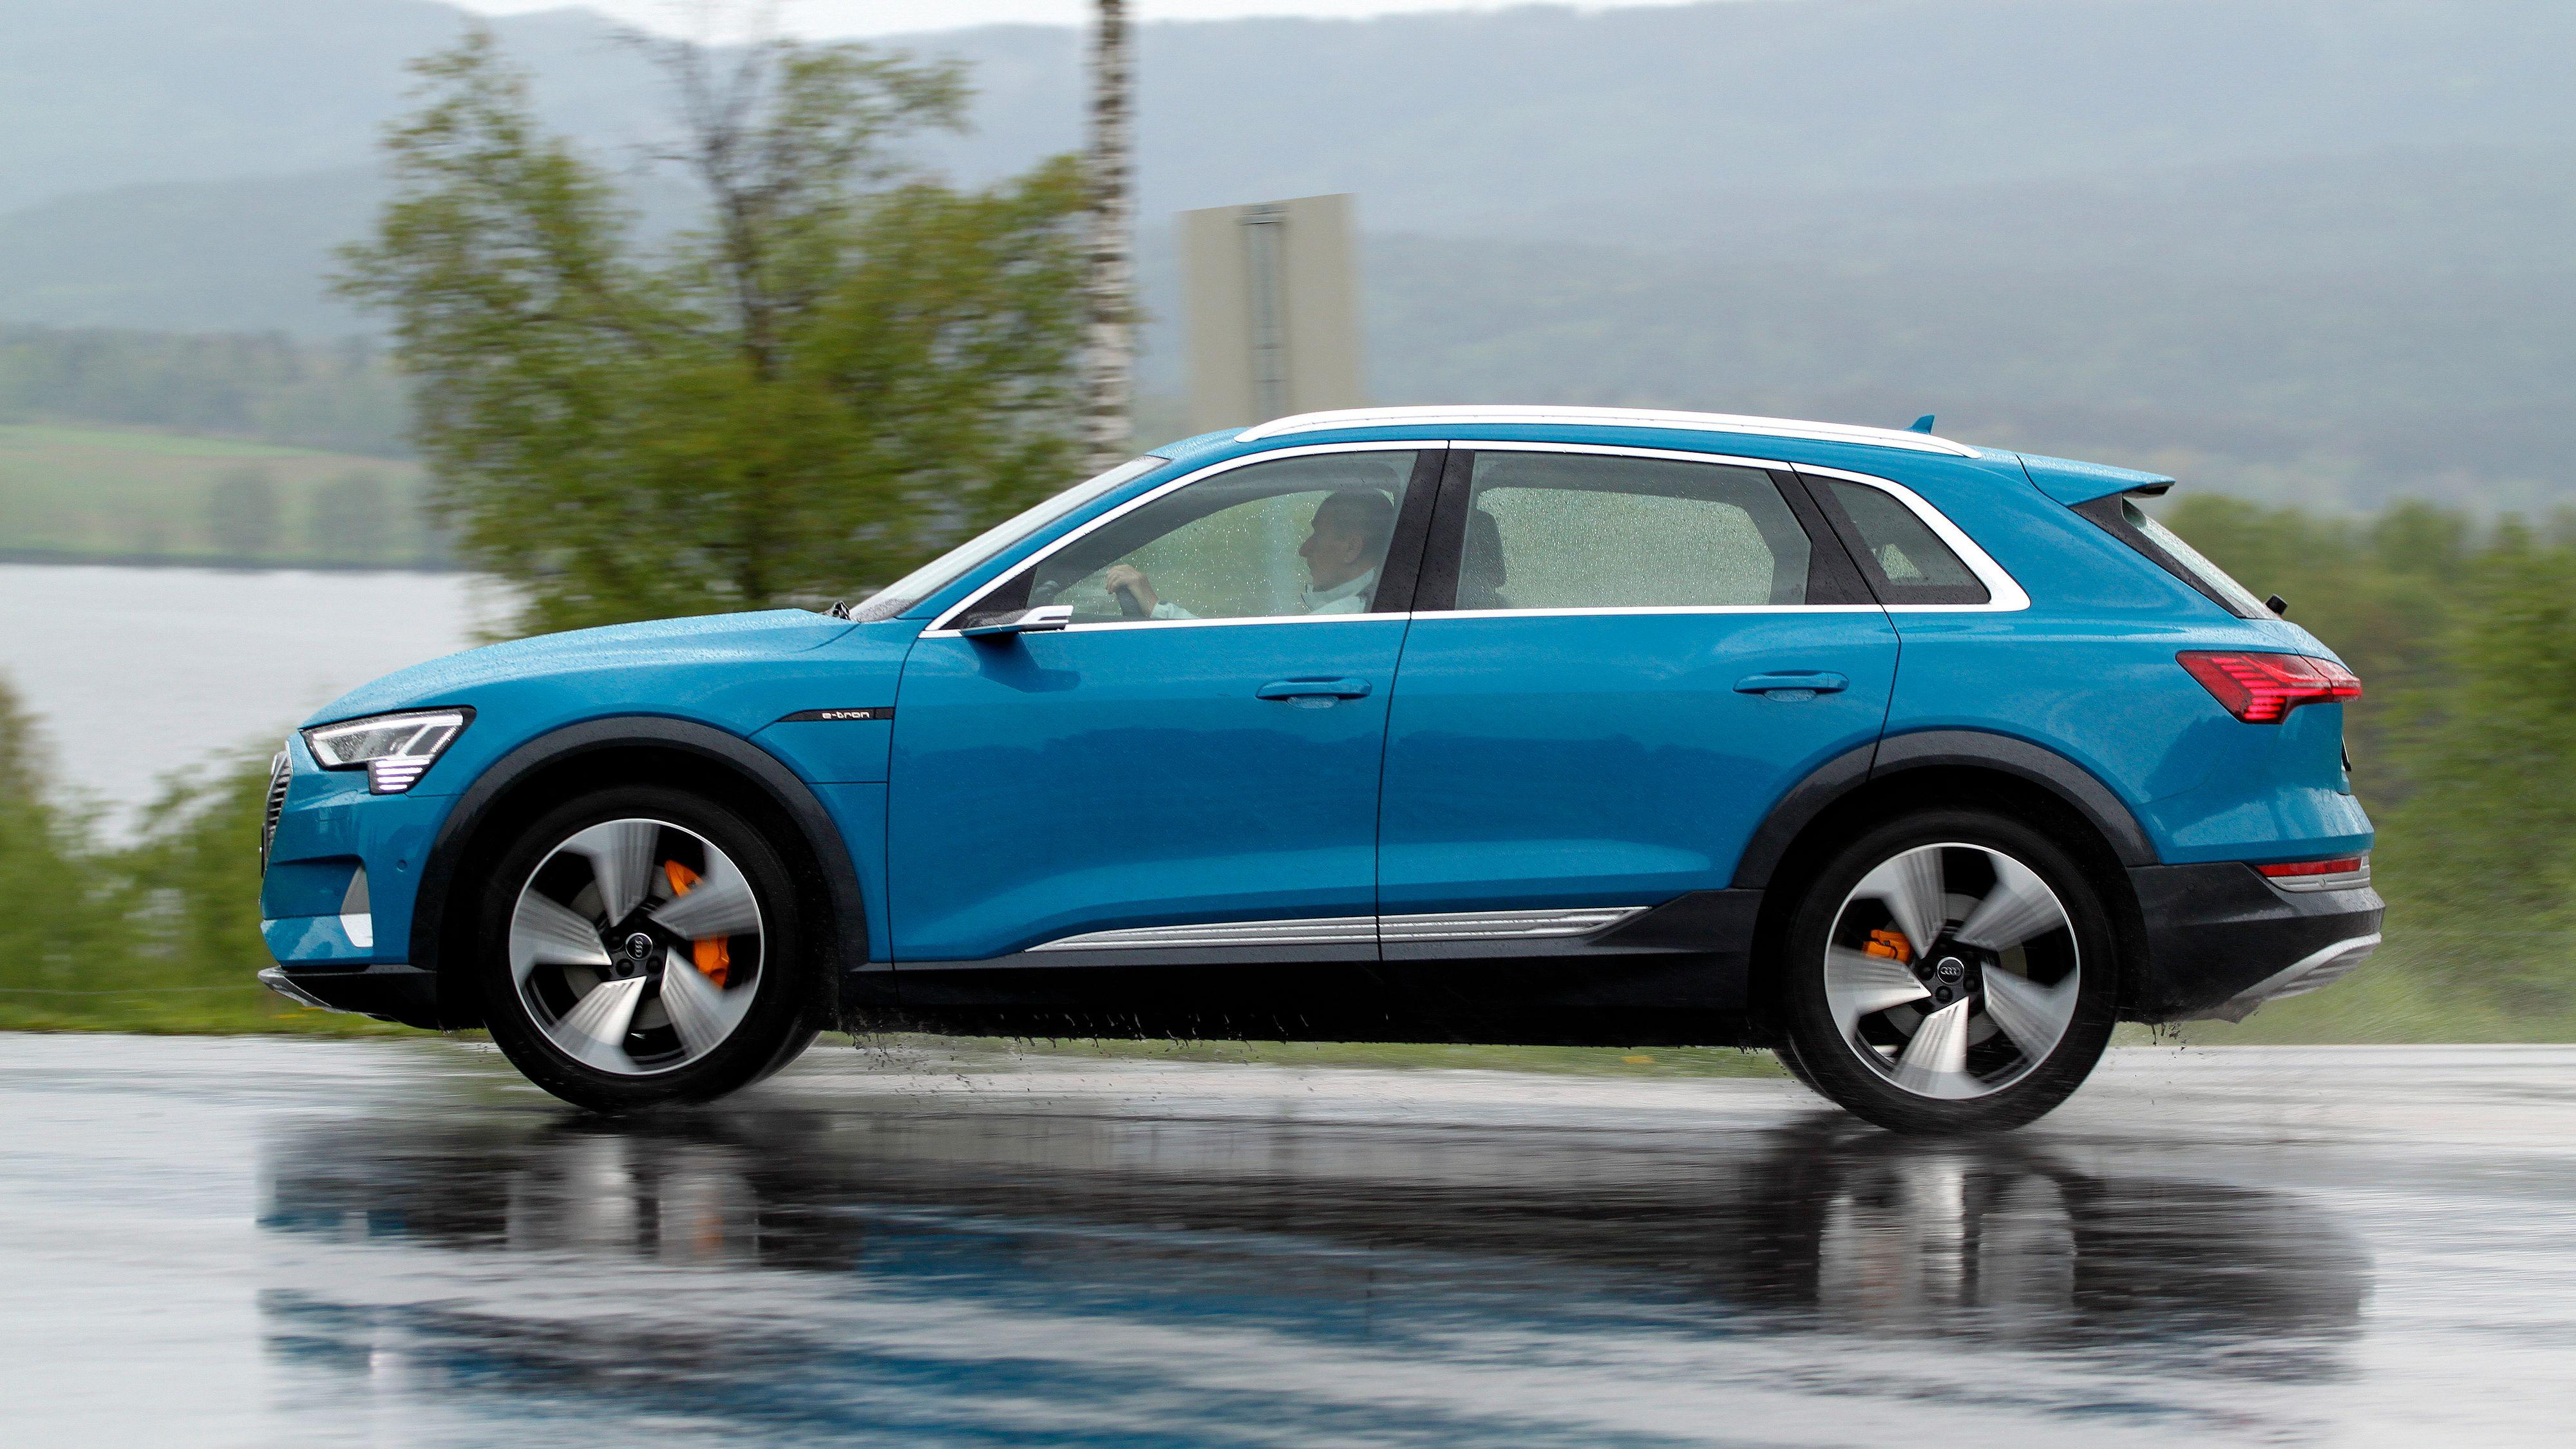 Nå blir også Norges mest solgte bil dyrere